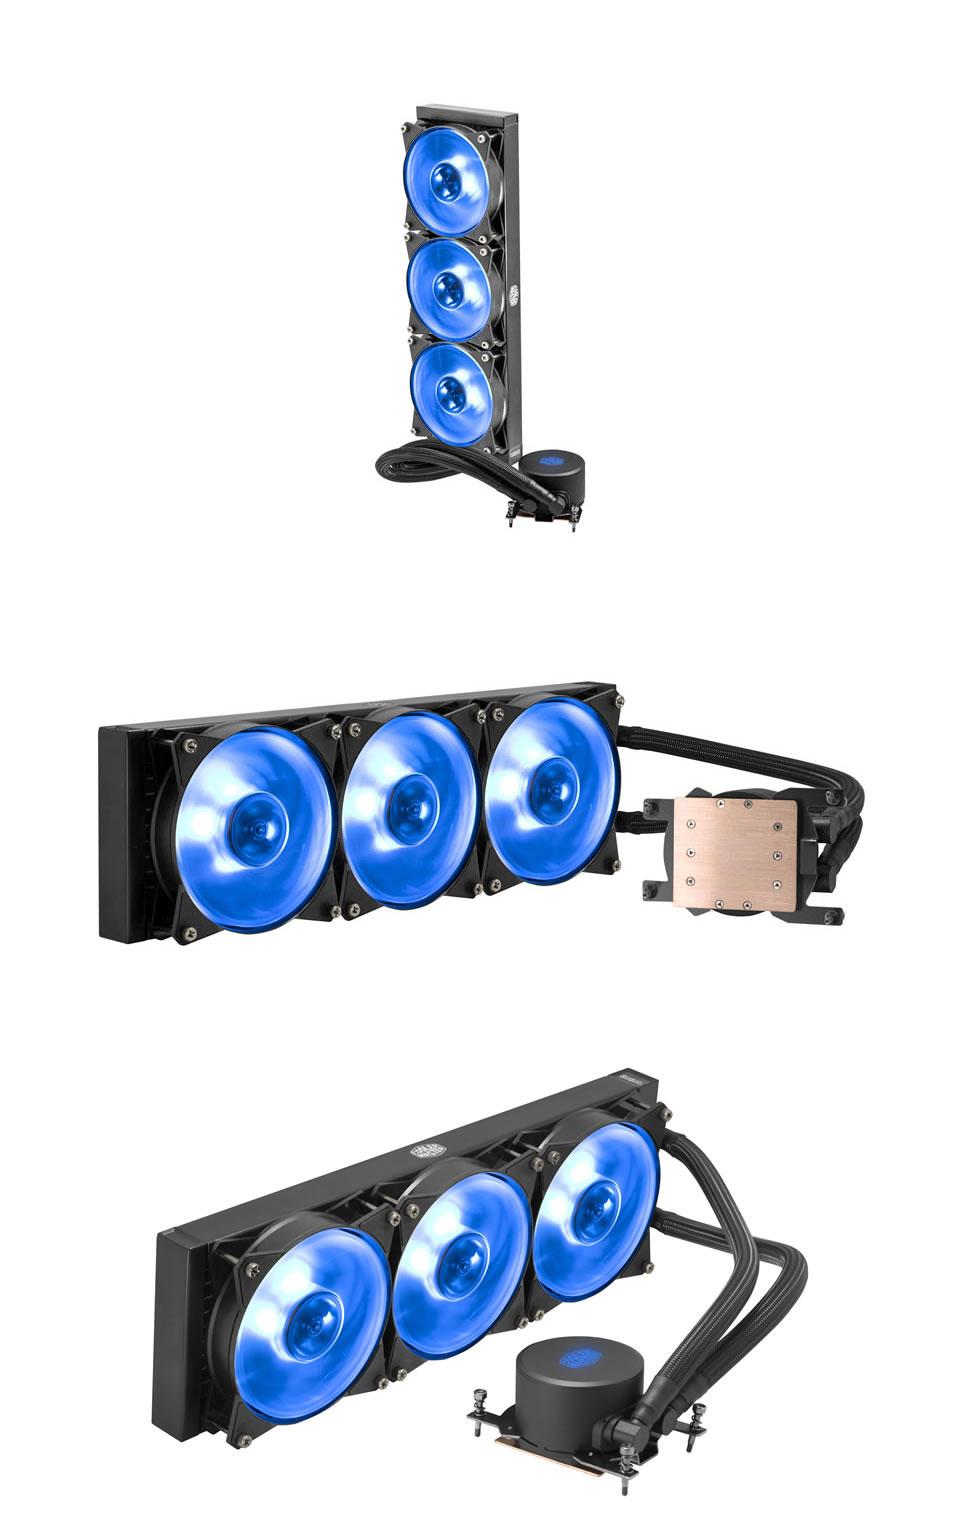 Cooler Master MasterLiquid ML360 RGB AIO Cooler for TR4